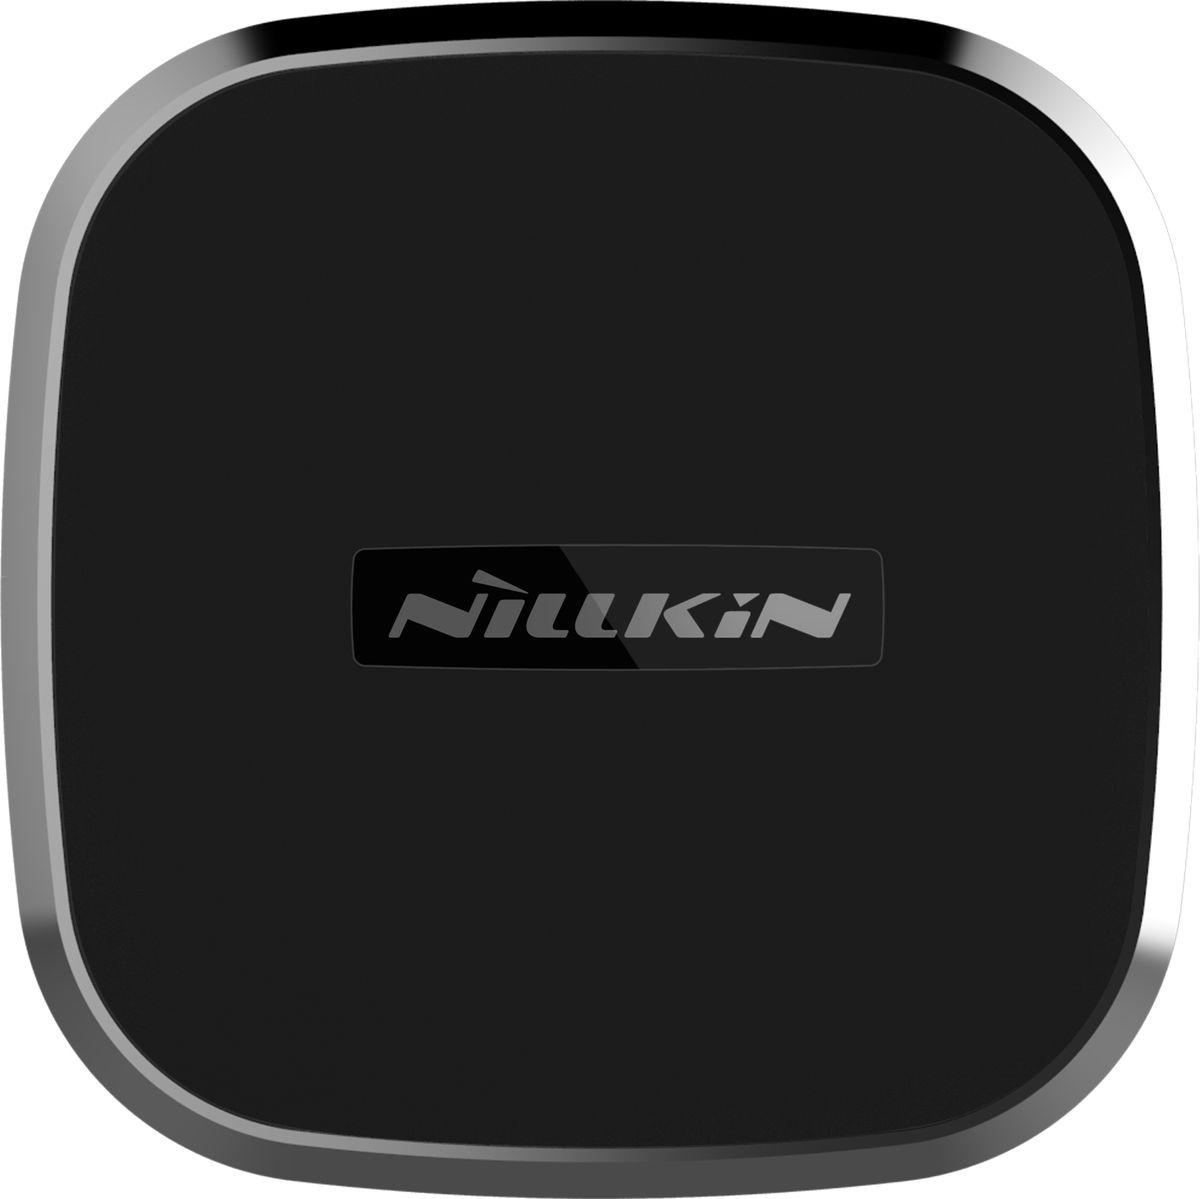 Nillkin Car Magnetic Wireless Charger 2B автомобильное зарядное устройство6902048142169;6902048142169Автодержатель, который позволяет не только удобно закрепить ваш смартфон в автомобиле, чтобы комфортно использовать его во время пути, но и одновременно заряжать его. Такая возможно реализована благодаря тому, что он оснащён технологией беспроводной зарядки Qi. Всё, что необходимо сделать, это подключить автодержатель к питанию, например, к автозарядке в прикуривателе, и закрепить смартфон на держателе. Он без труда удержит ваш смартфон и он не упадёт даже на самой ухабистой дороге. А благодаря шарниру вы сможете свободно поворачивать свой смартфон на 360 градусов и изменять угол наклона для комфортного обзора. Благодаря автозарядке Nillkin вы сможете быстро и надёжно заражать флагманские смартфоны компании Apple (iPhone 8, iPhone 8 Plus, iPhone X), а также другие смартфоны с поддержкой беспроводной зарядки. Для использования держателя вам понадобится 2 тонкие металлические пластины (в комплекте). Их следует разместить между задней крышкой смартфона и чехлом.